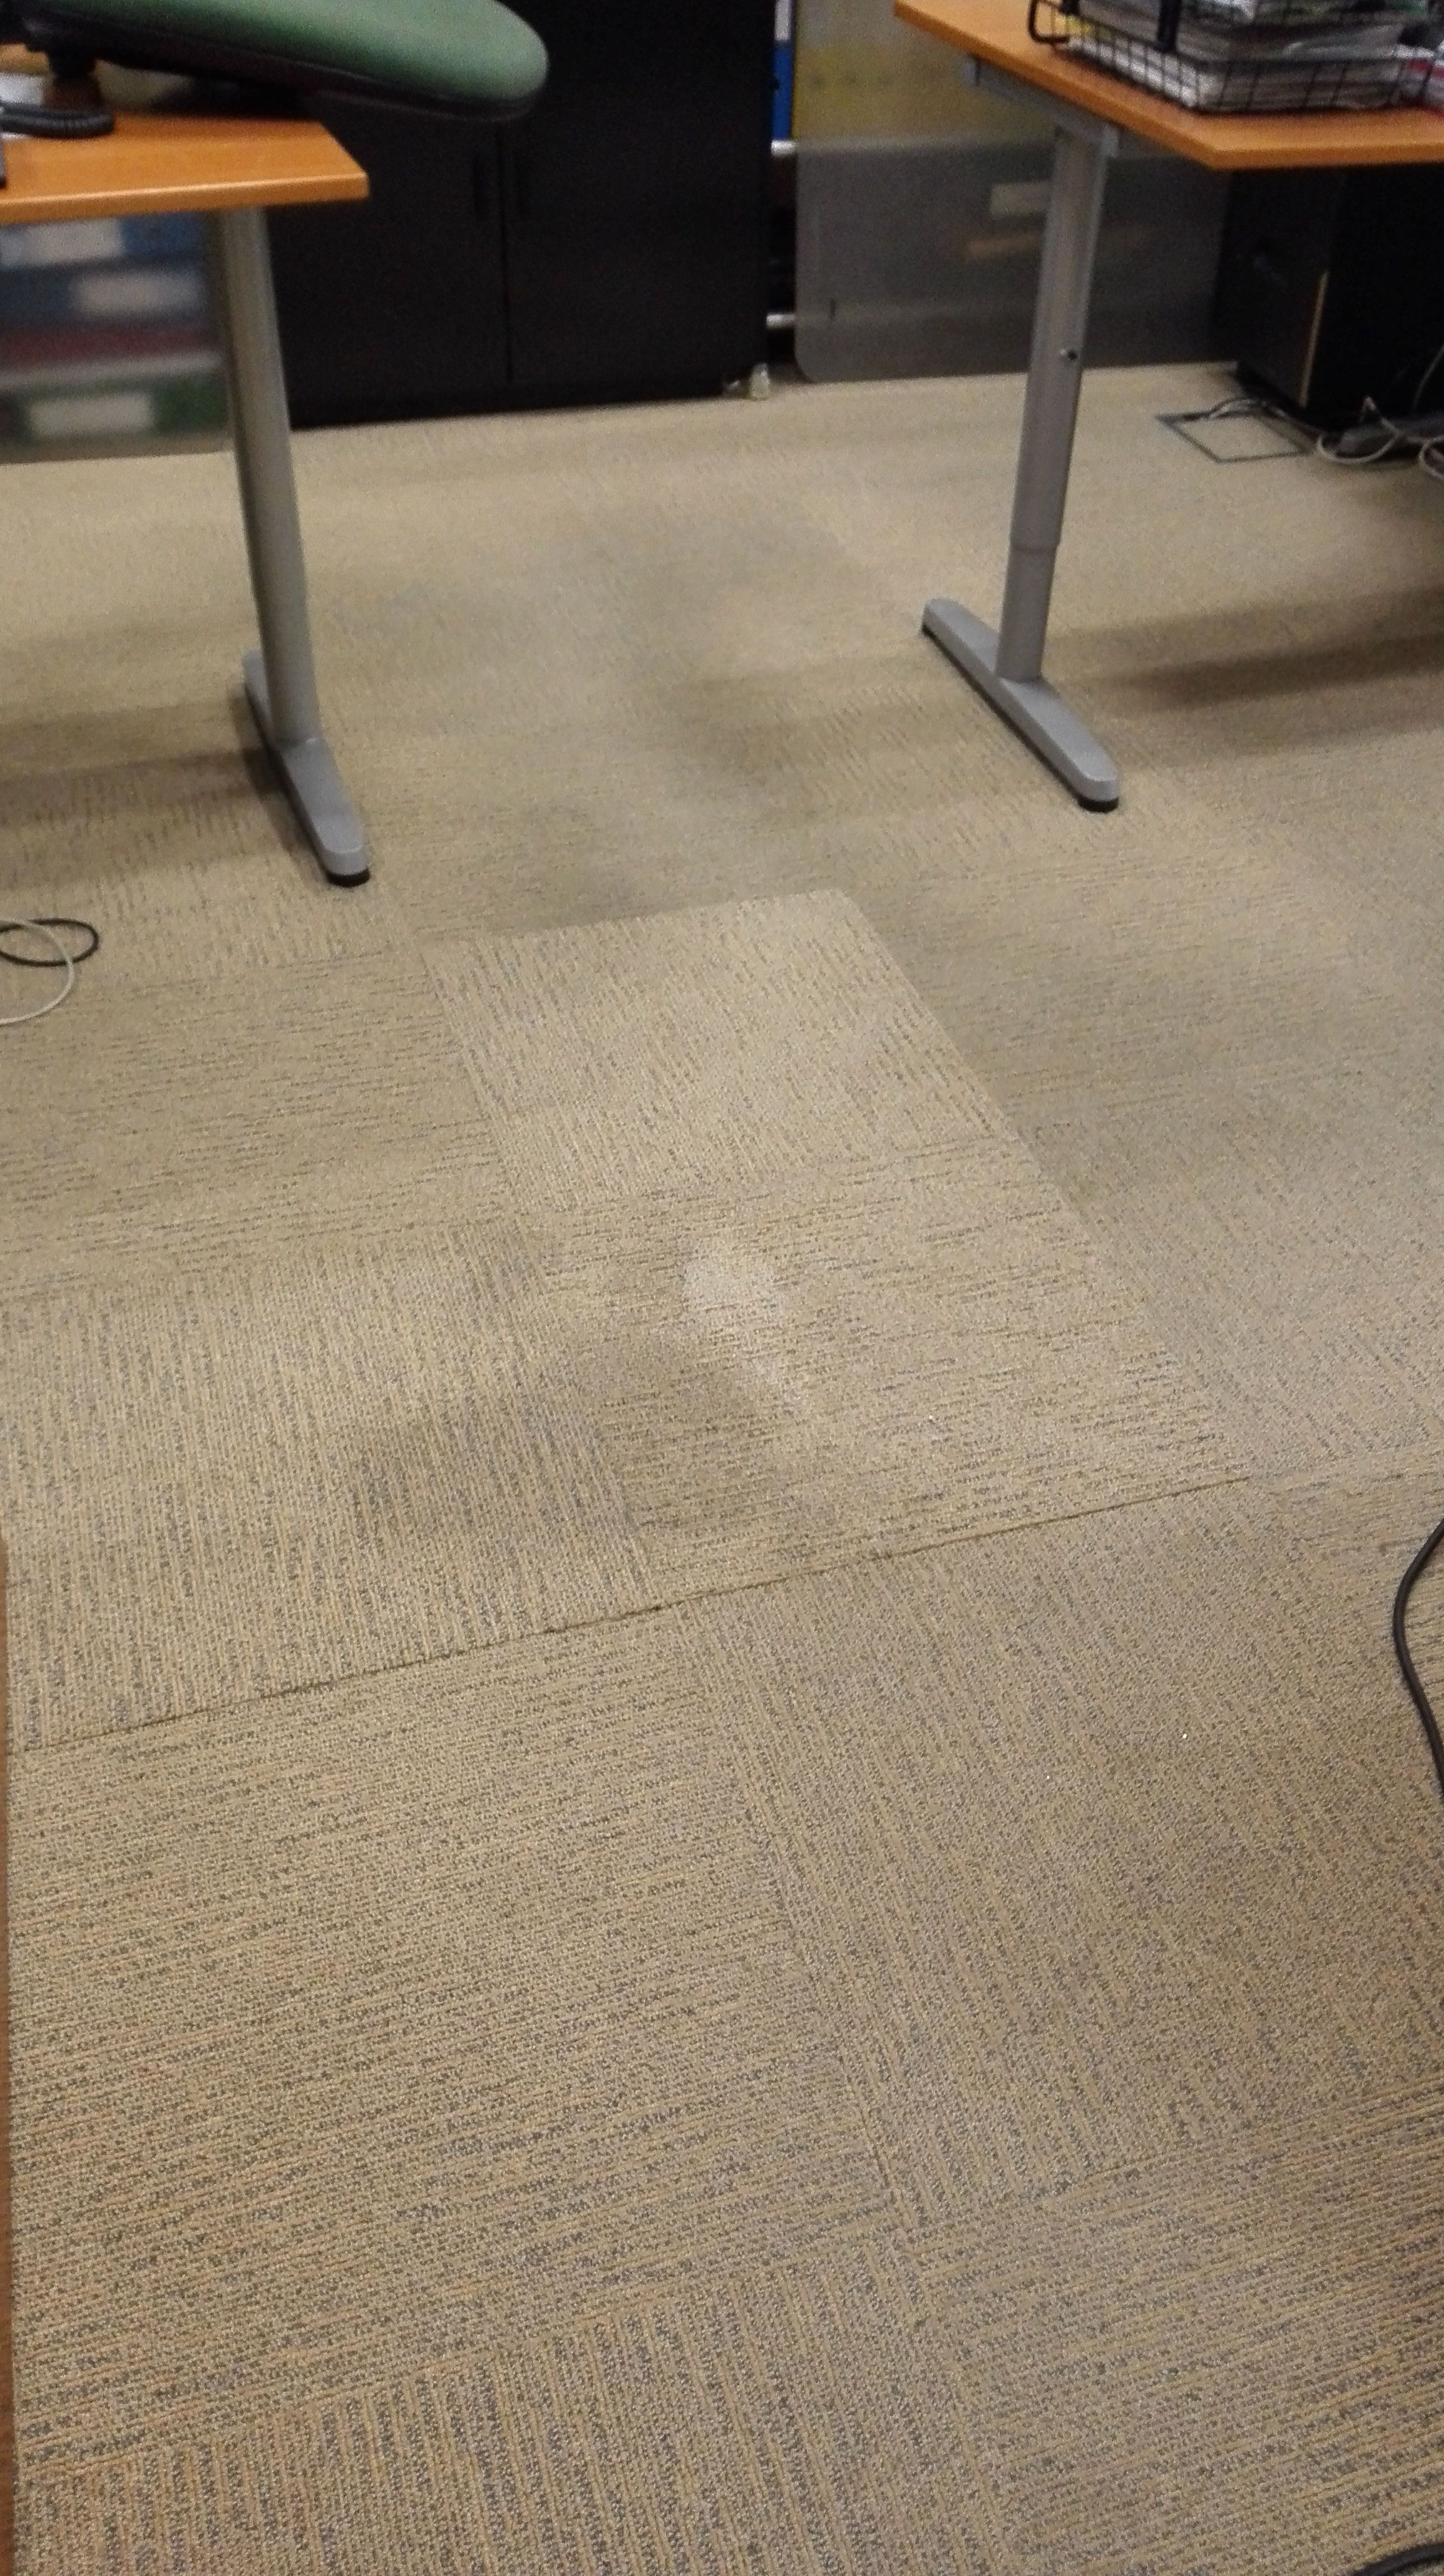 Limpieza de moqueta, alfombras y textiles en Madrid Sur, Fuenlabrada, Mostoles y Getafe